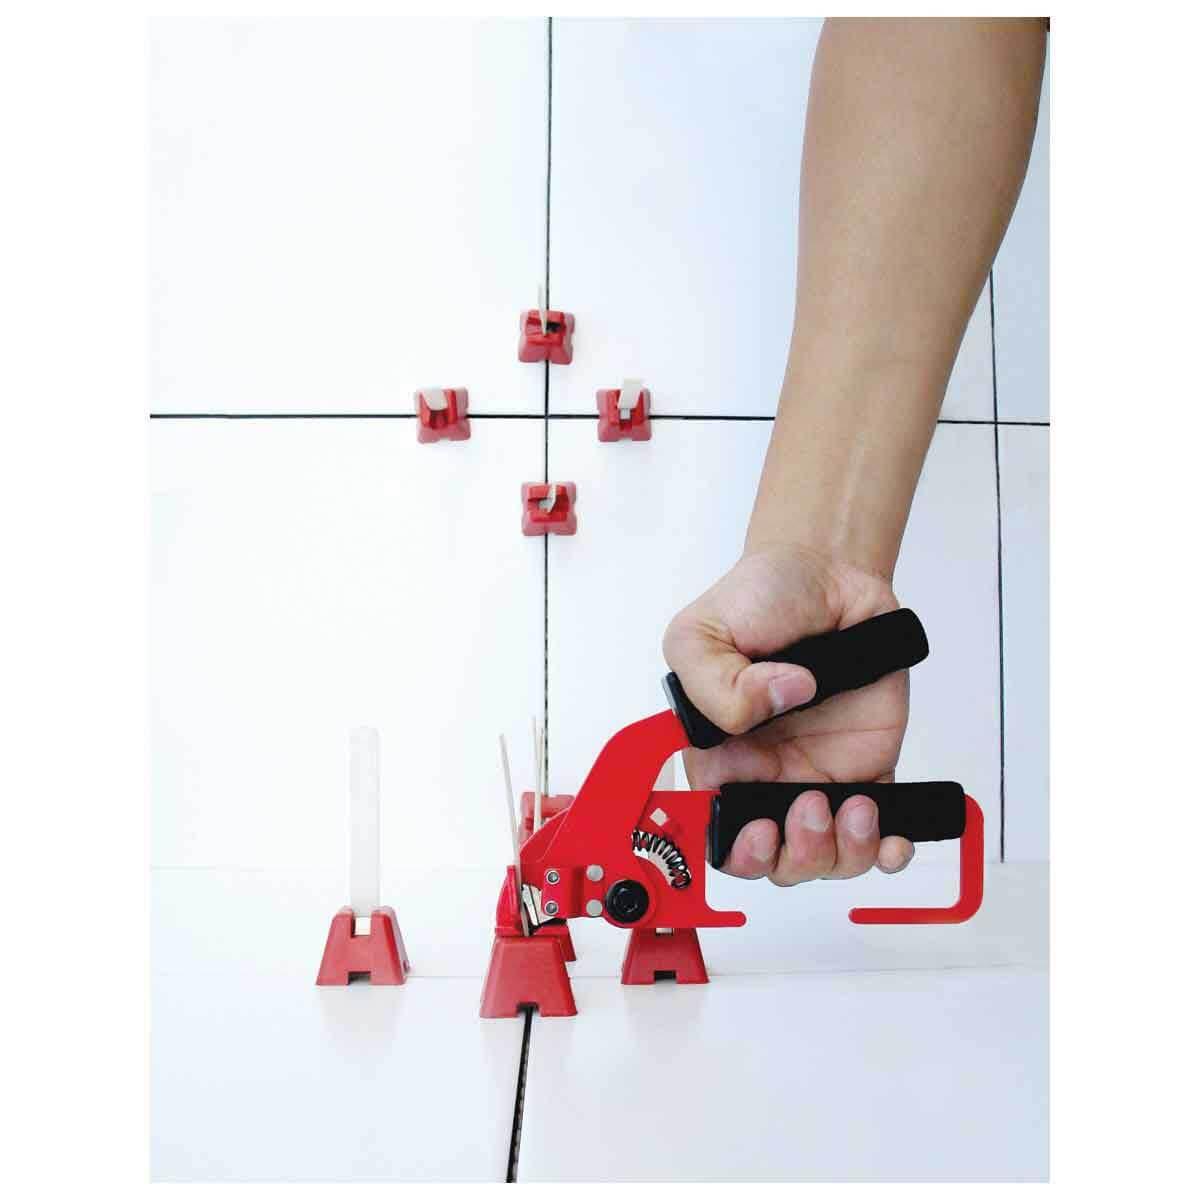 tuscan strap installation with standard gun